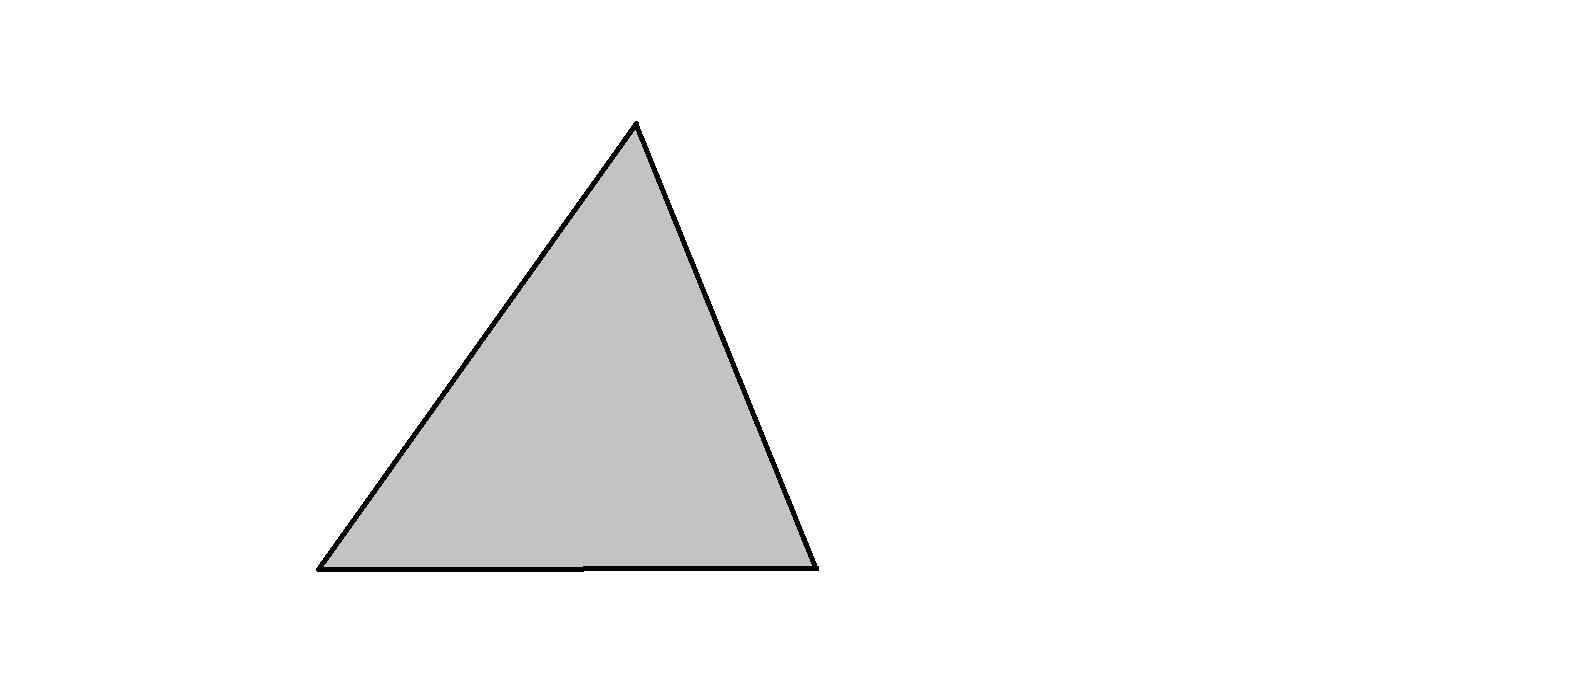 个三角形形状的地块,如果要将它平均分成4个部分,请在图上画出分割线.图片